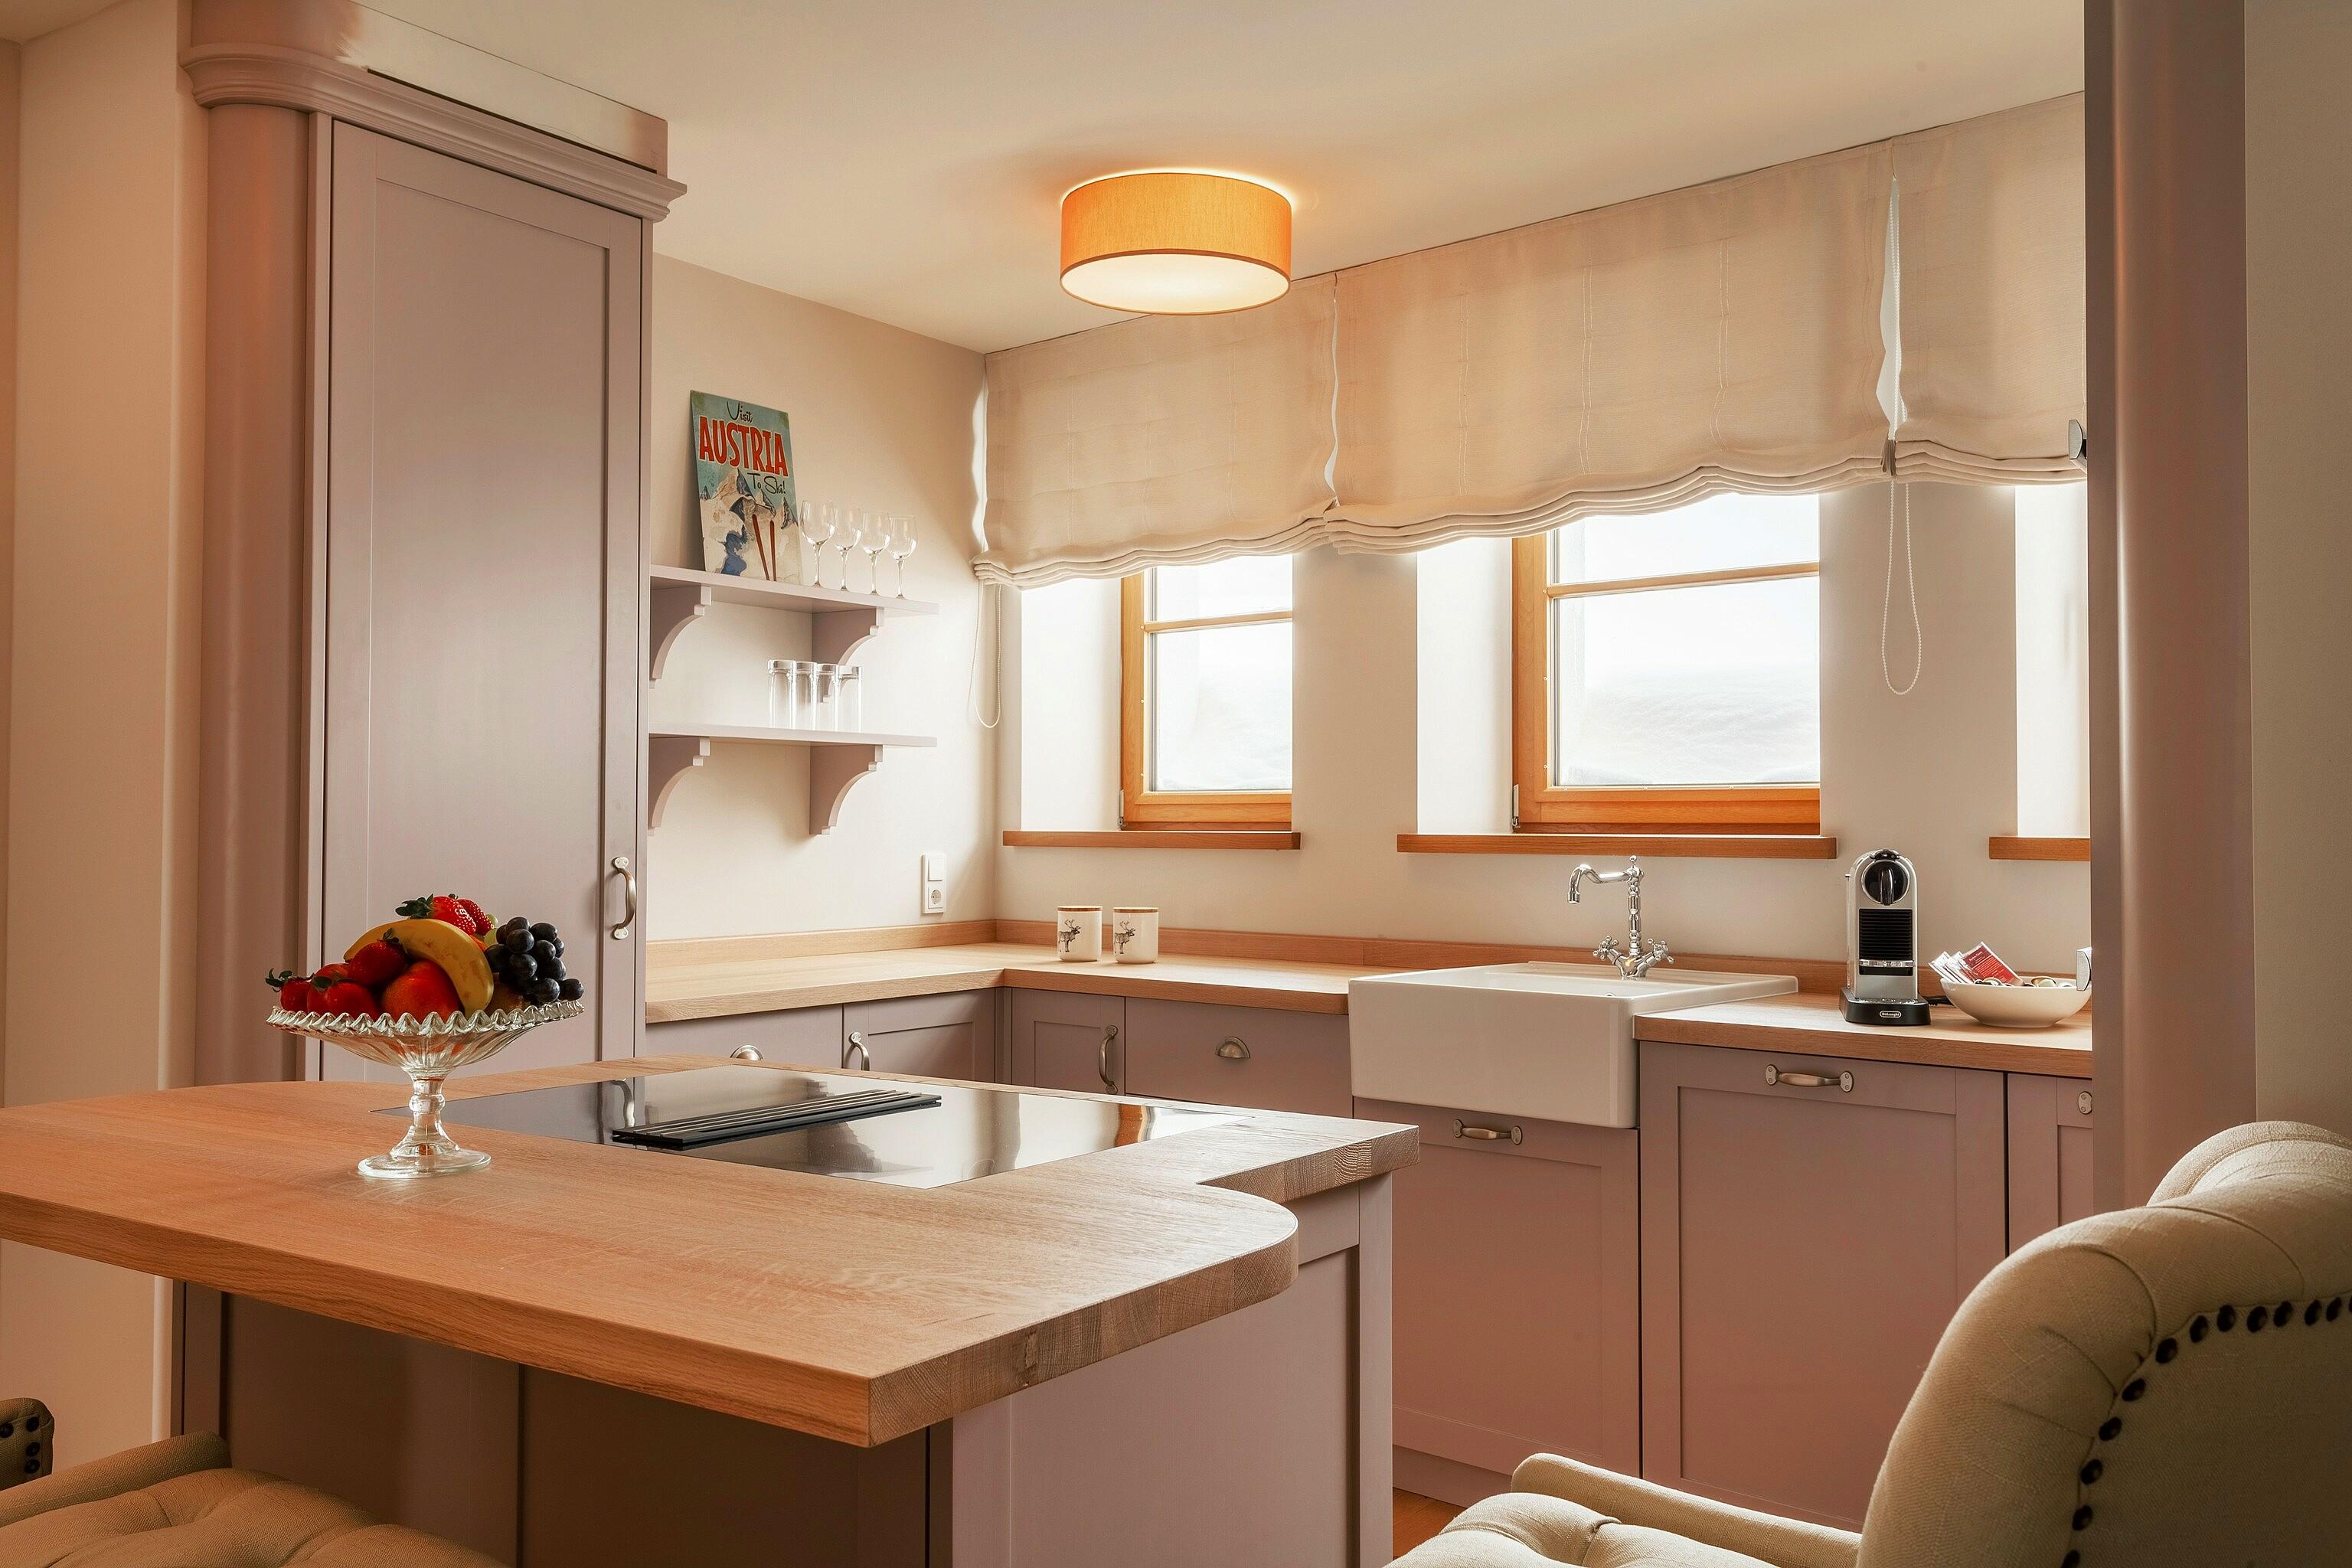 Slider - Apartment 2 - Küche